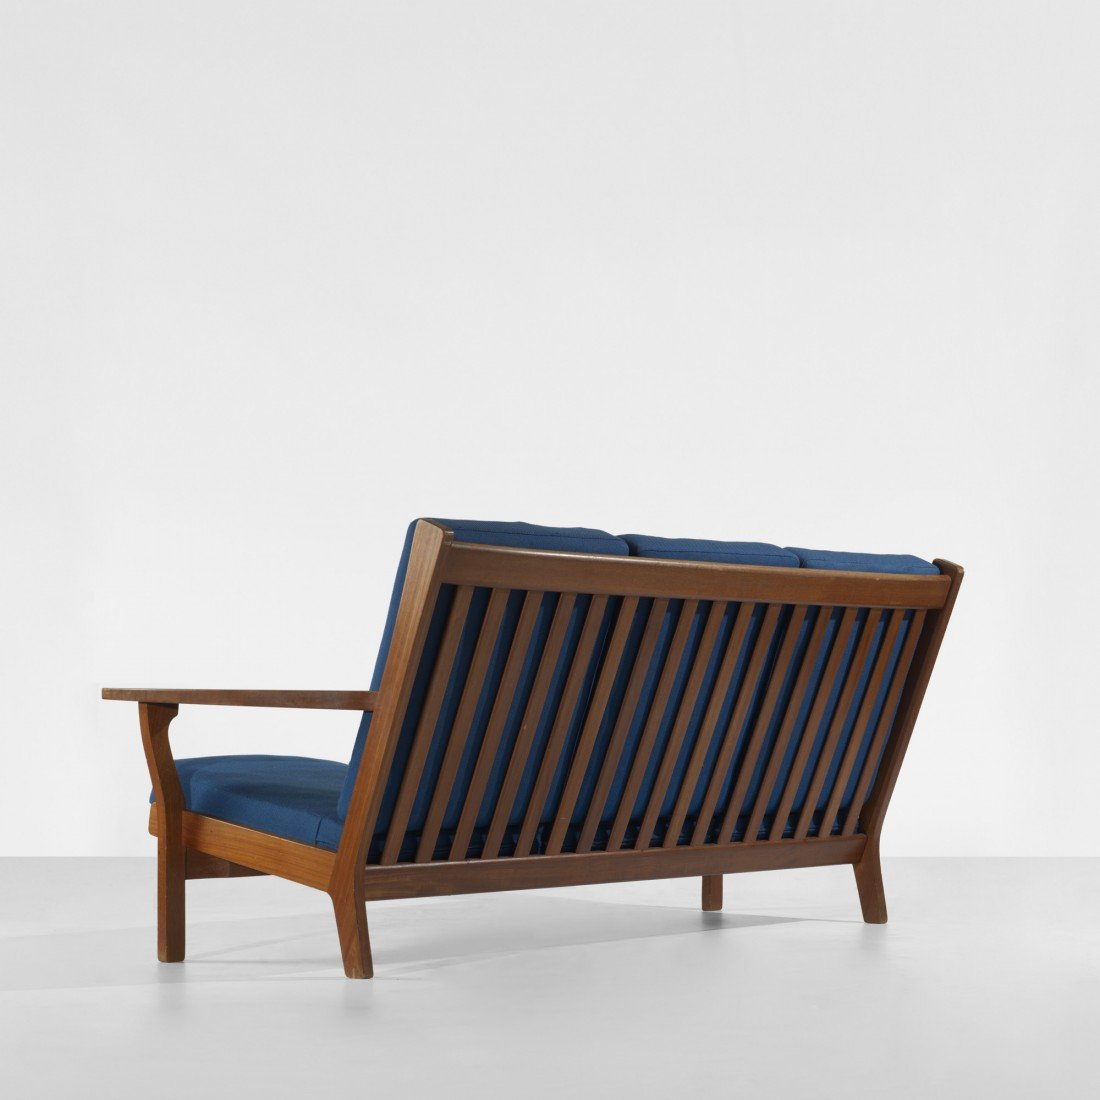 116: Hans Wegner sofa, model 330/3 A